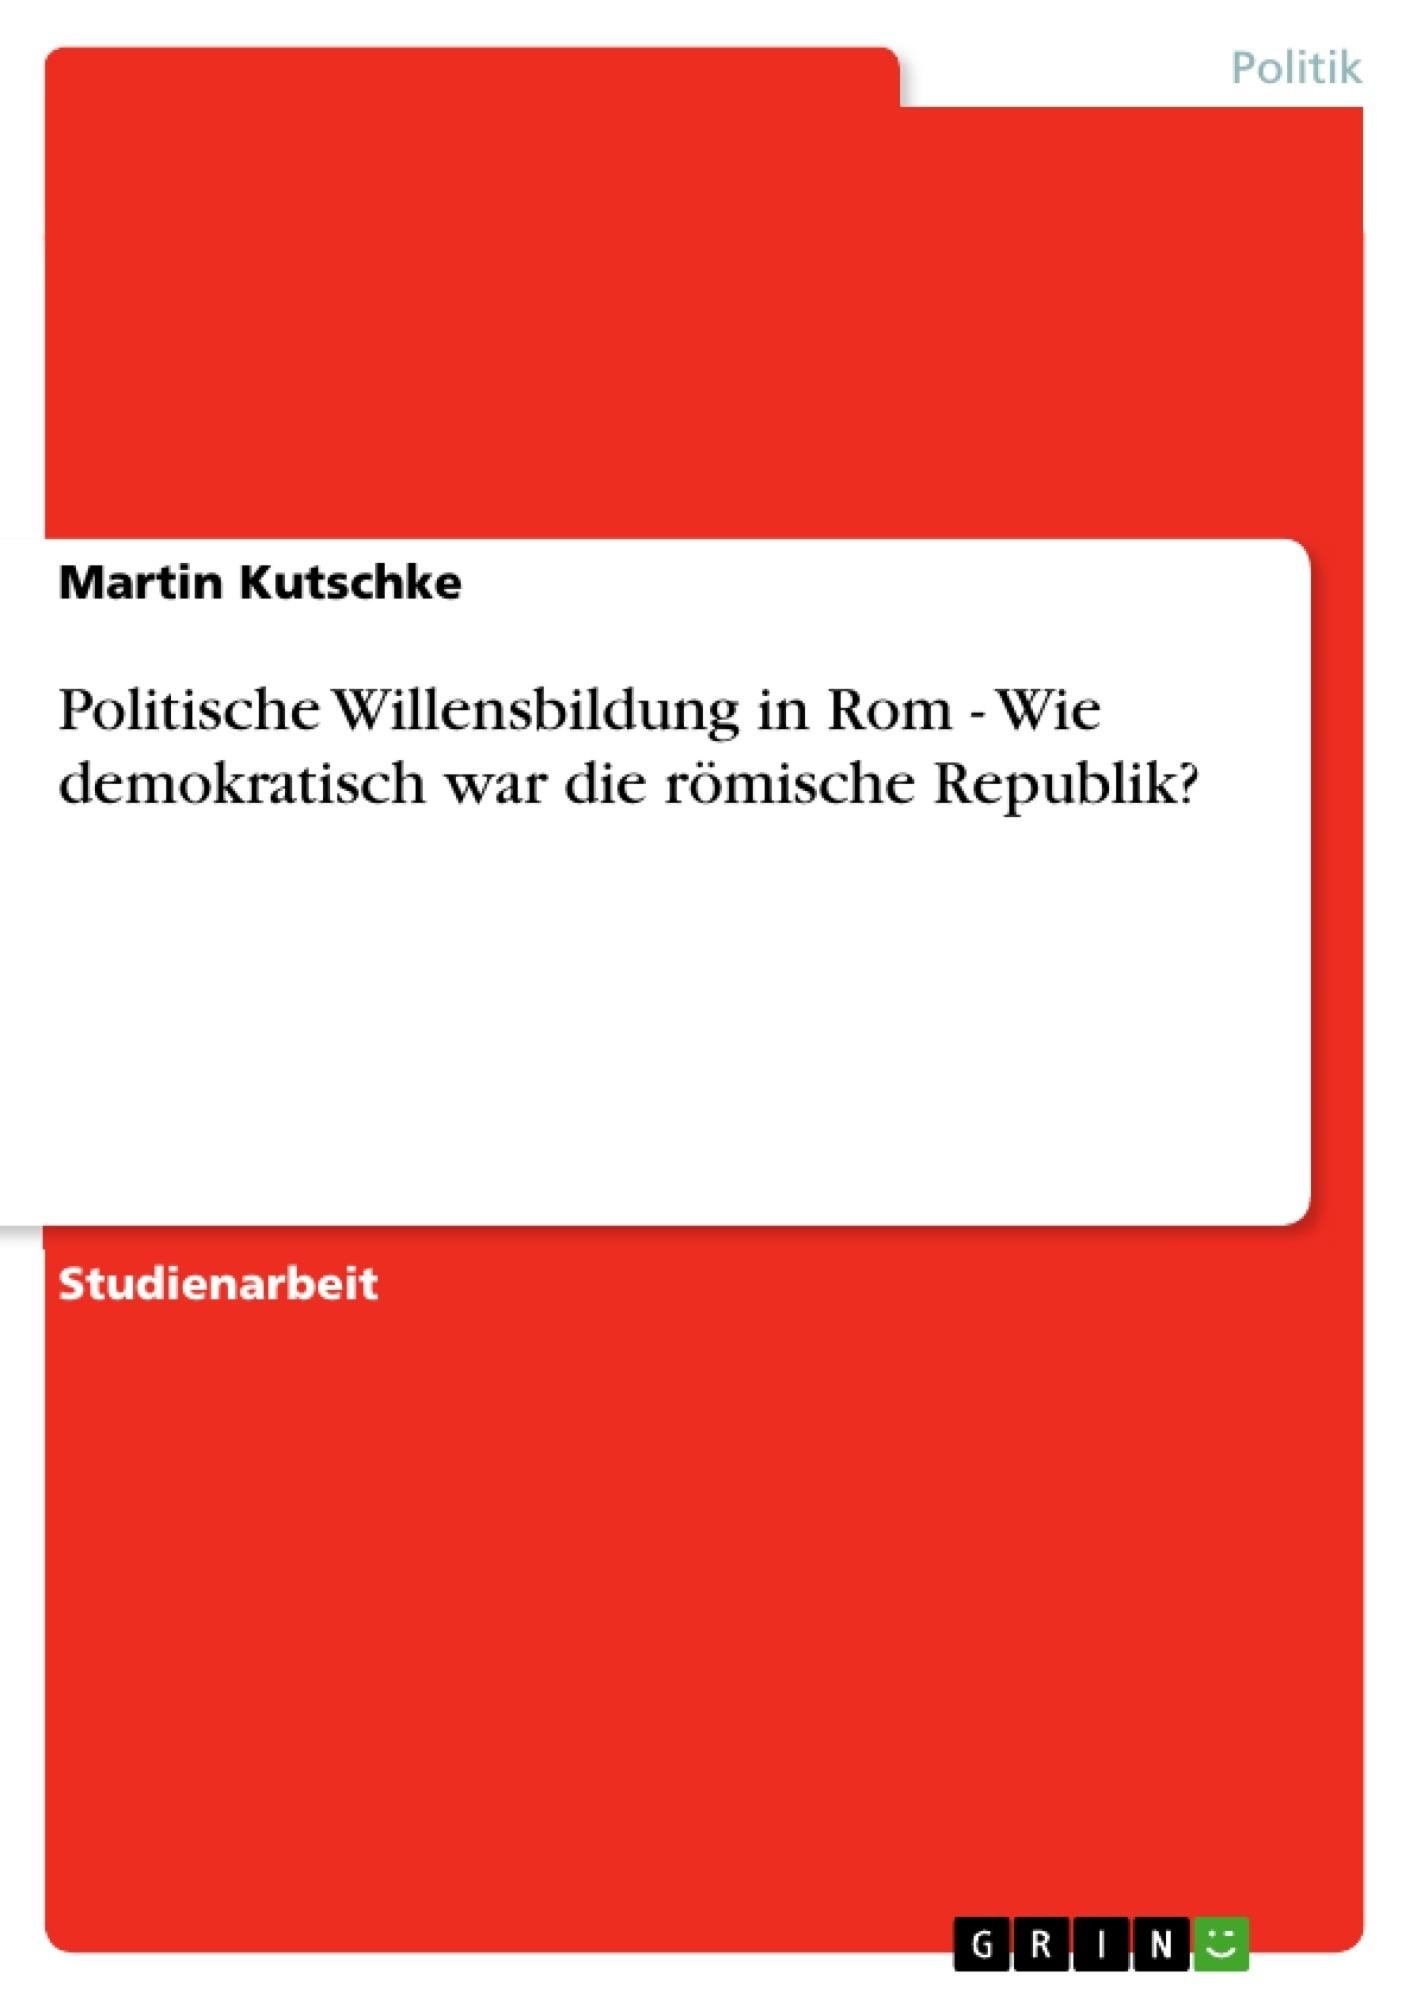 Titel: Politische Willensbildung in Rom - Wie demokratisch war die römische Republik?